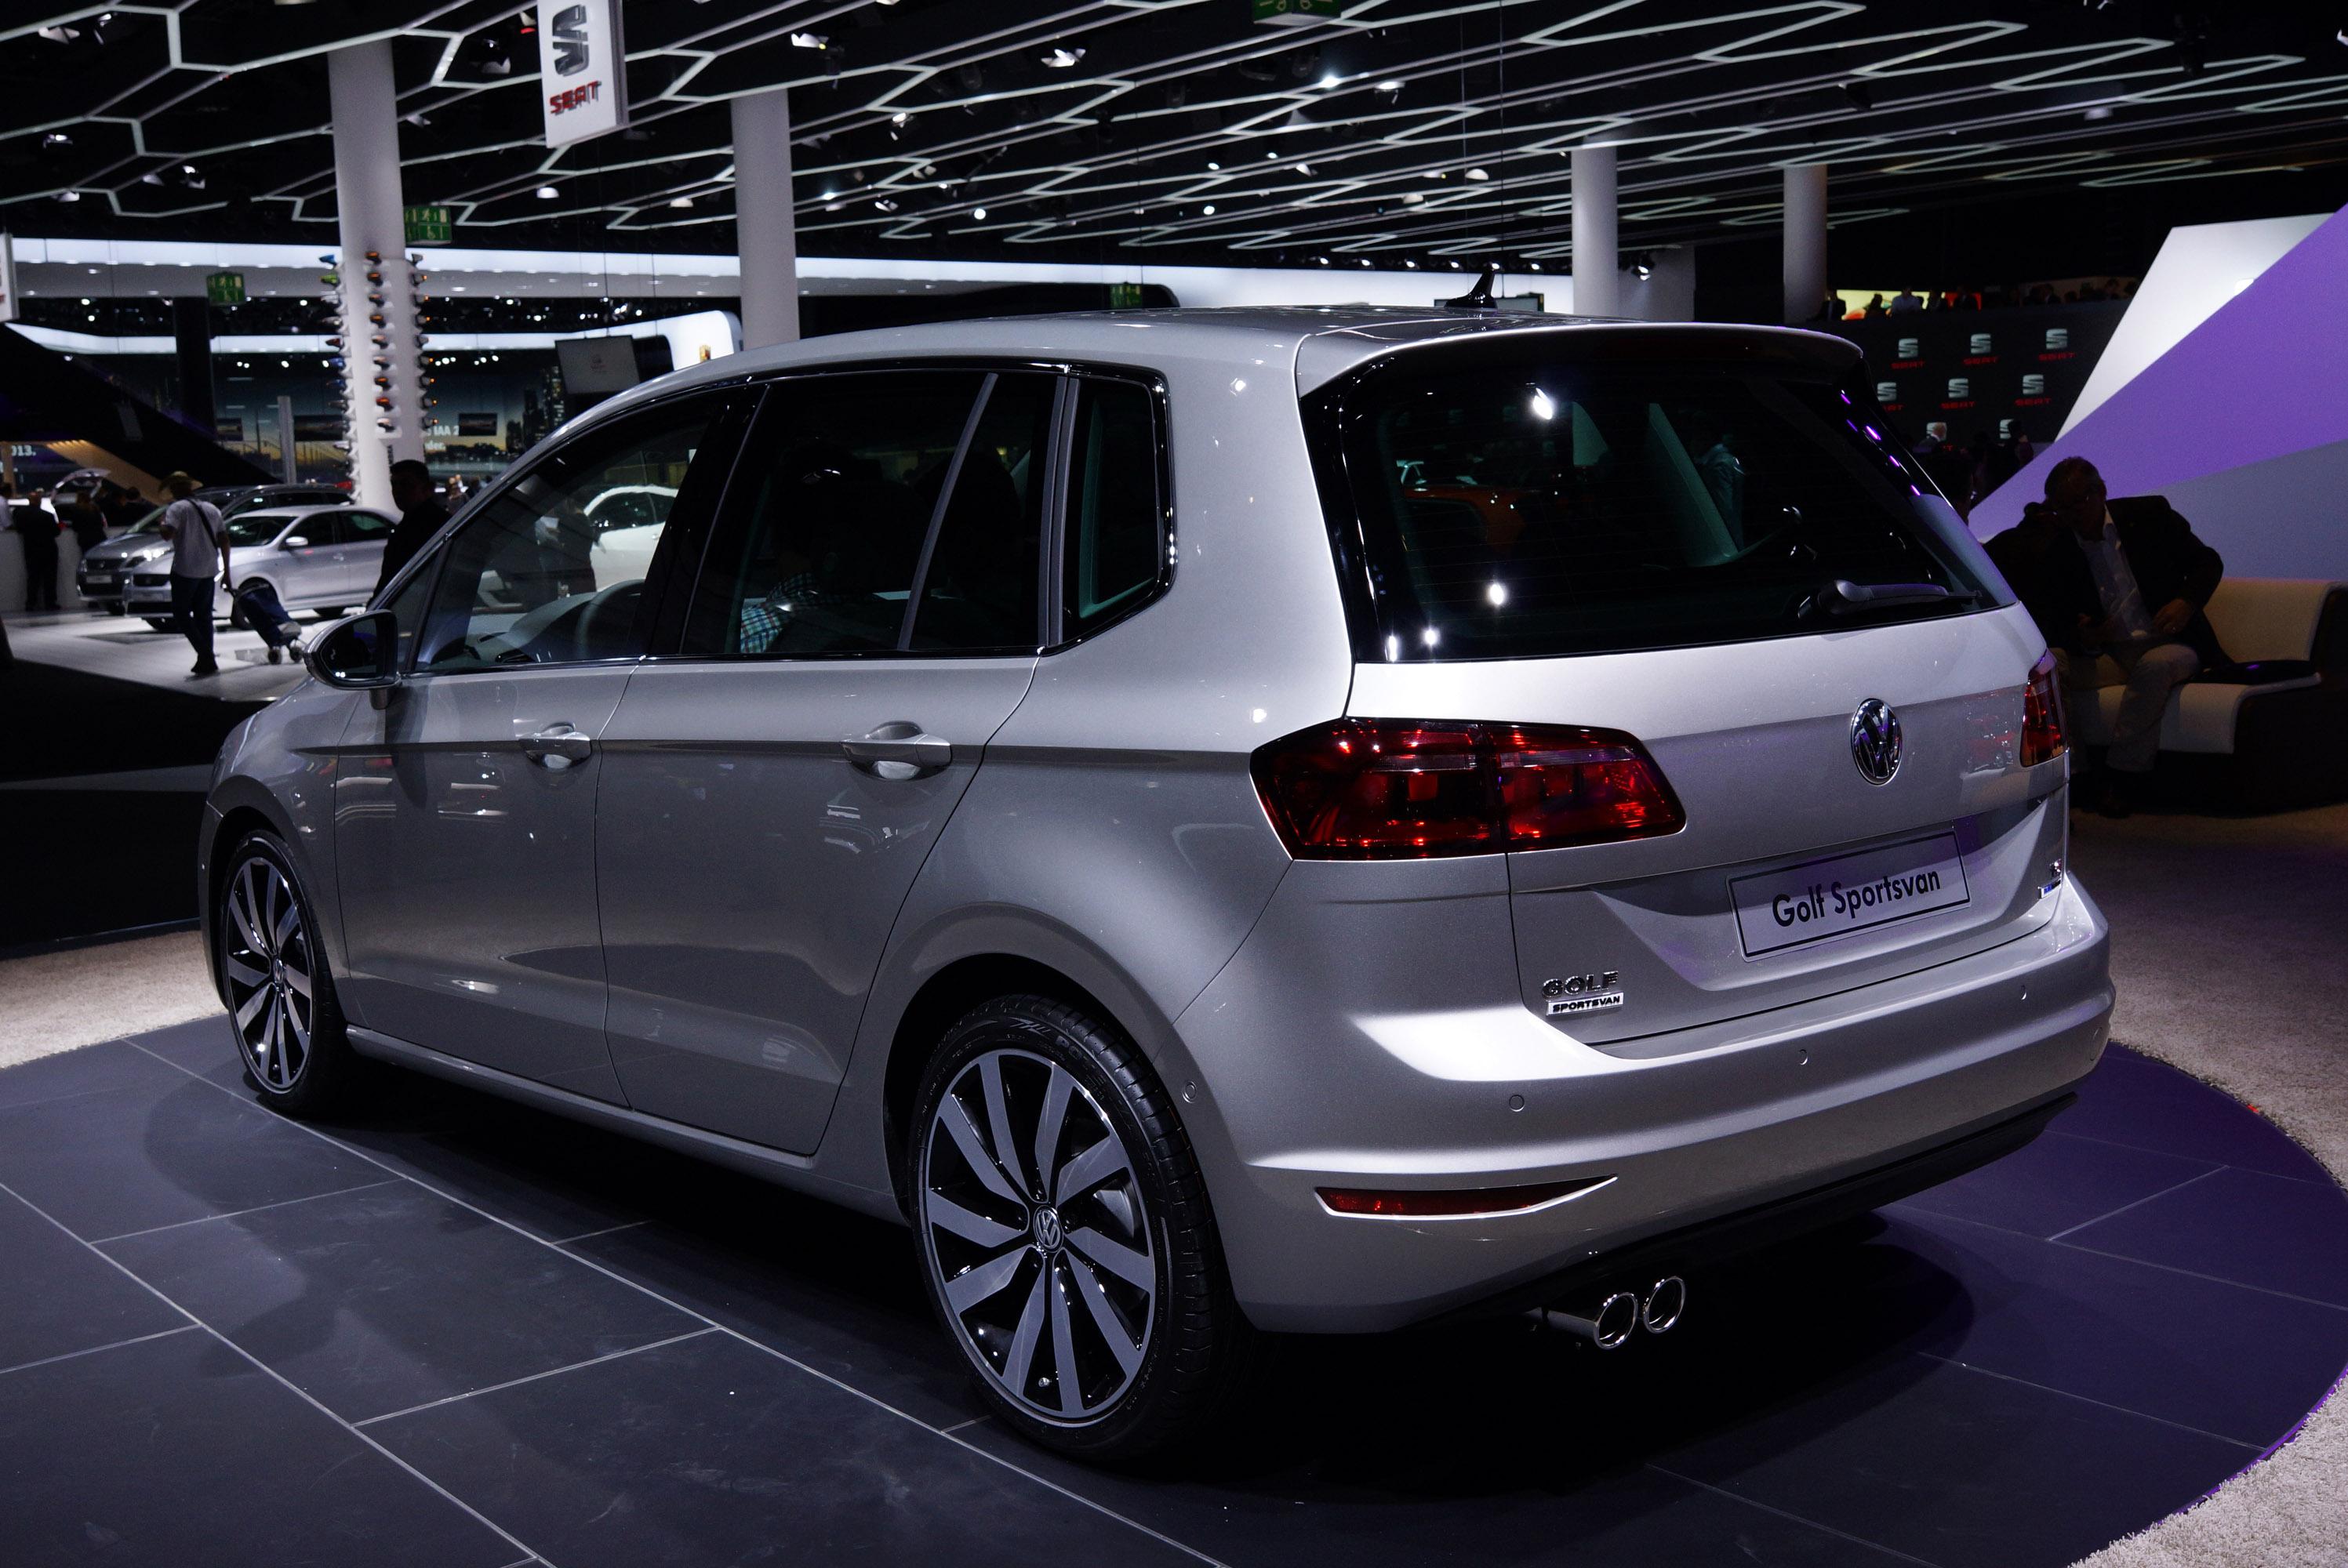 Volkswagen Golf Sportsvan Frankfurt 2013 Picture 89394